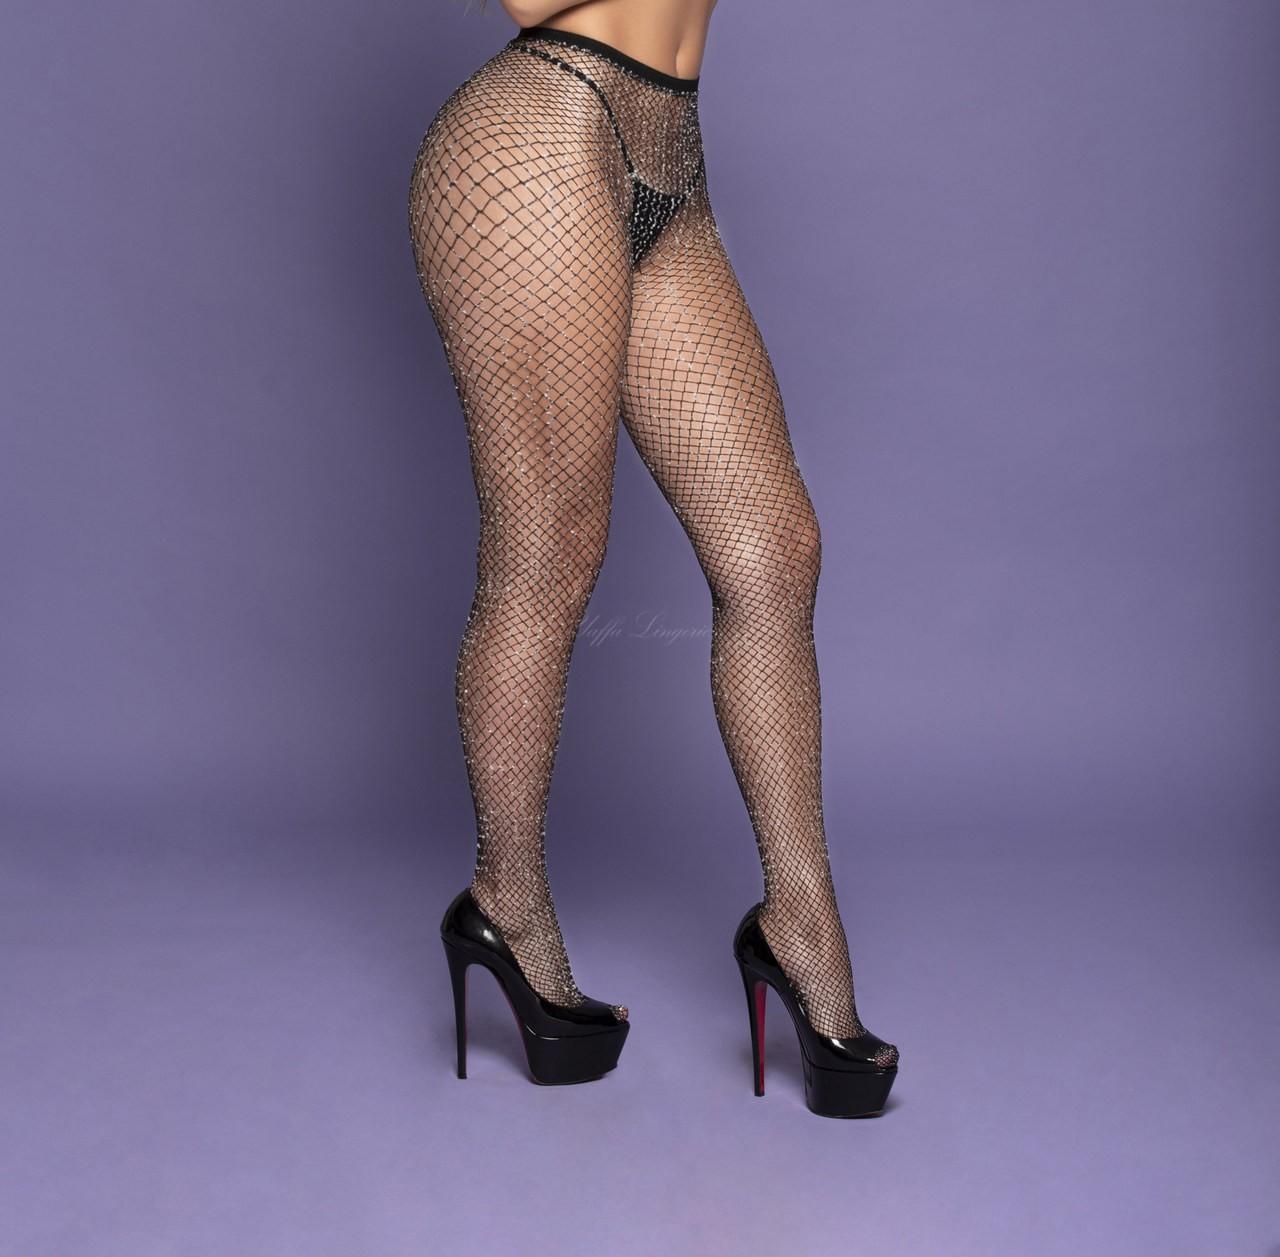 Meia calça sexy arrastão com lurex look fios com brilho